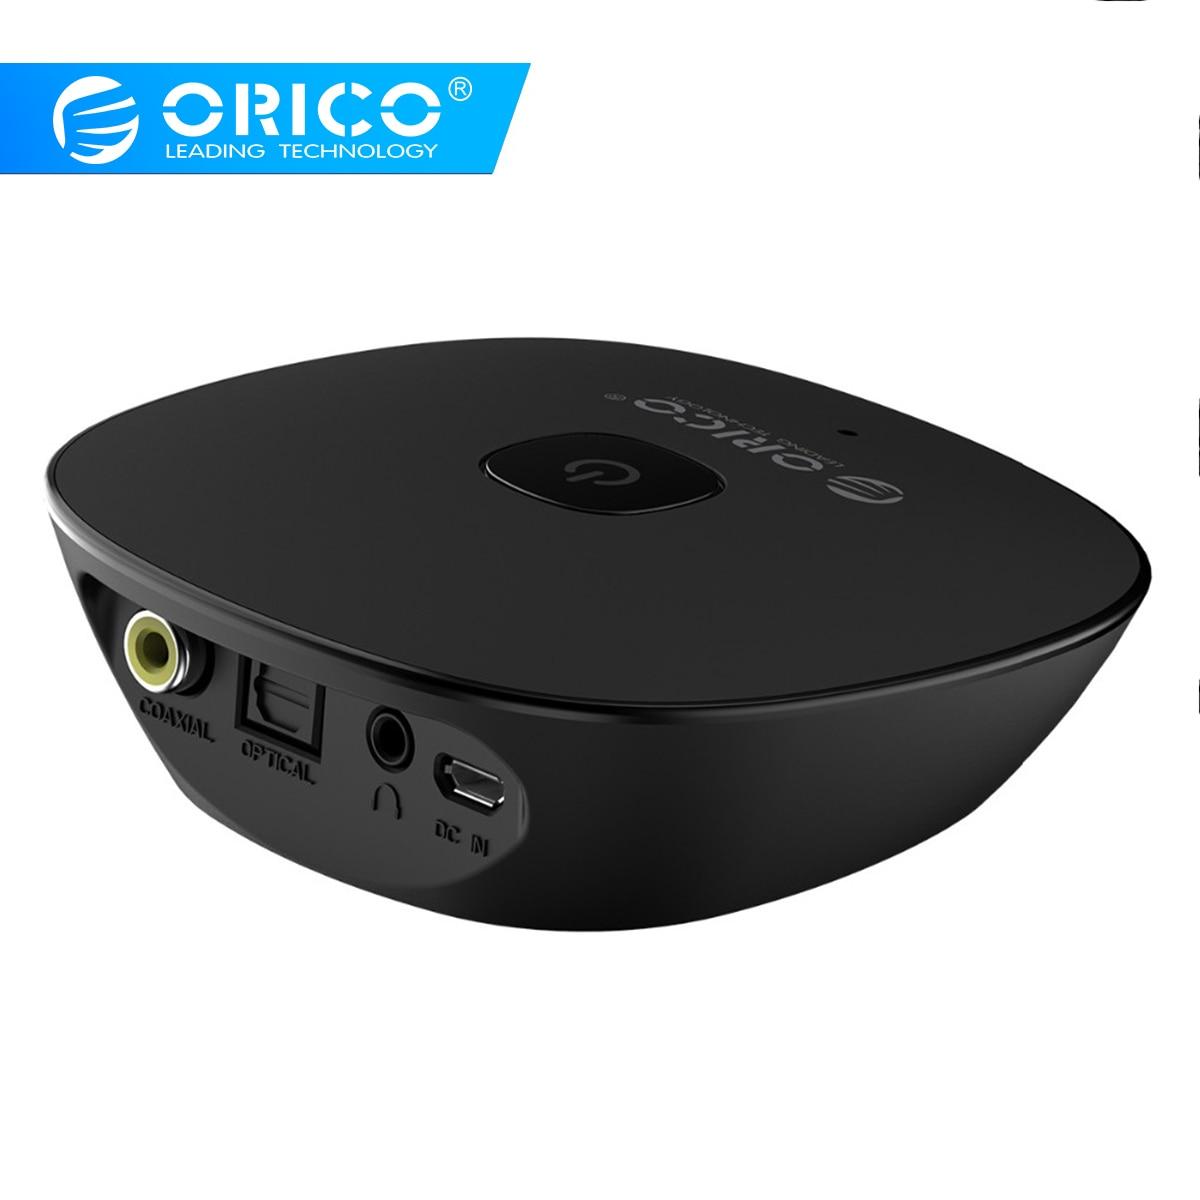 ORICO 4.1 récepteur Bluetooth sans fil 3.5 MM récepteur Audio stéréo récepteur de musique Bluetooth haut-parleurs Audio et vidéo portables